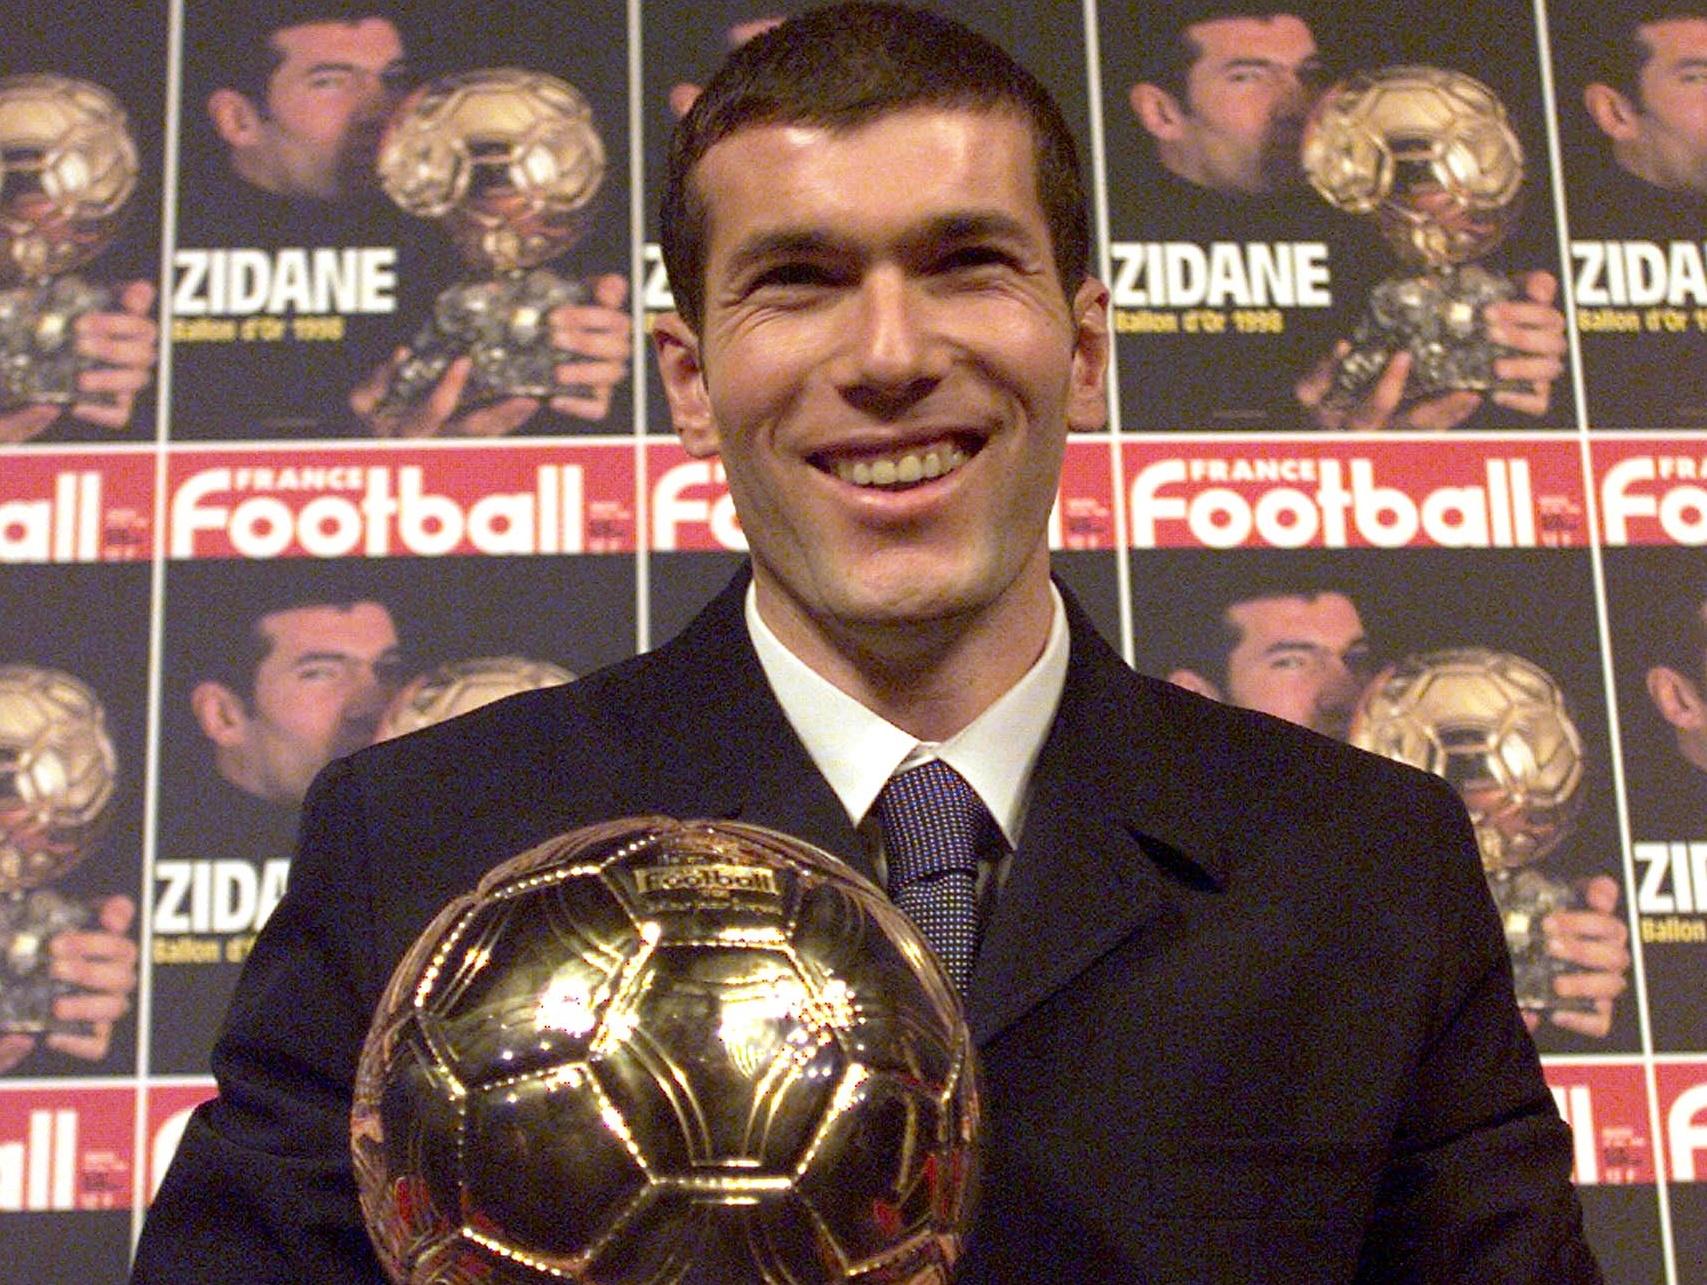 Afbeeldingsresultaat voor Zinédine Zidane juventus